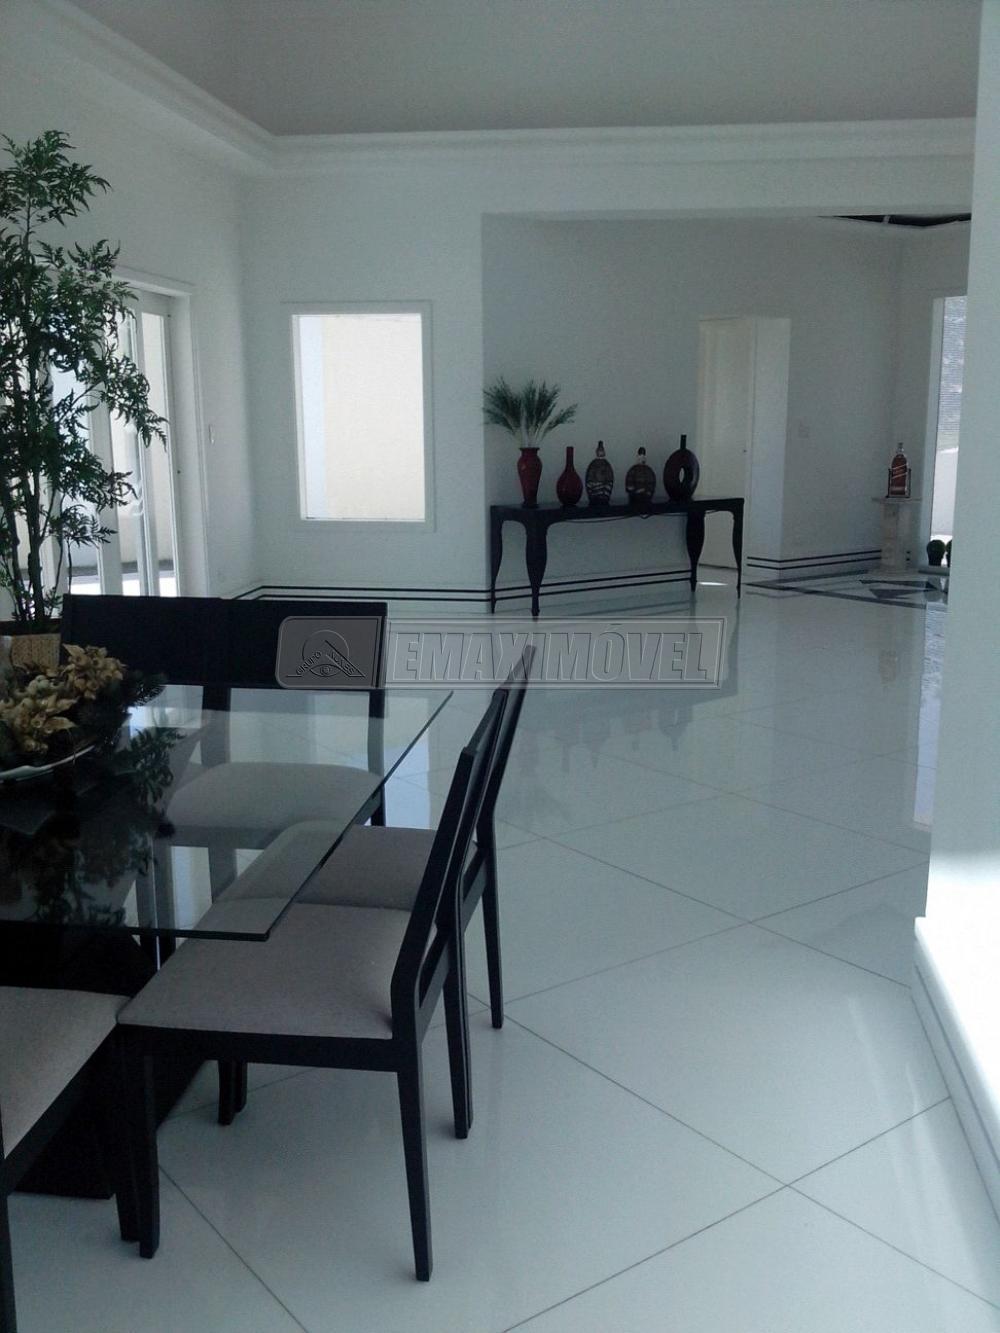 Comprar Casas / em Condomínios em Itu R$ 1.860.000,00 - Foto 3